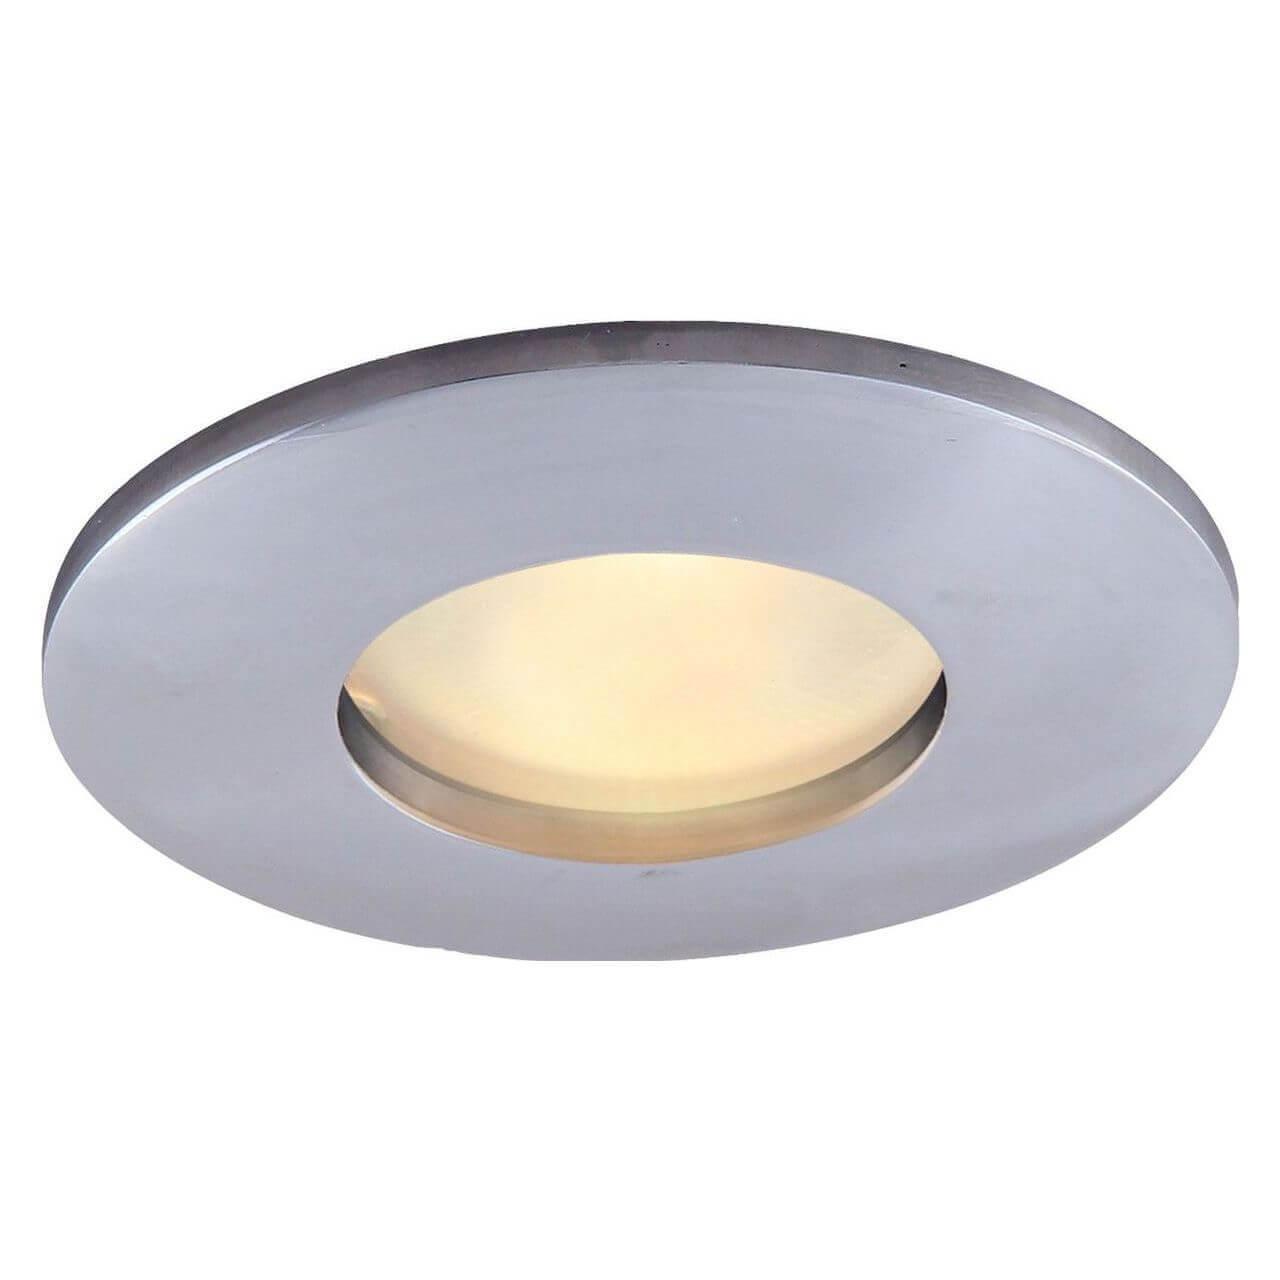 Светильник Arte Lamp A5440PL-1CC Aqua потолочный светильник arte lamp aqua a2916pl 1cc